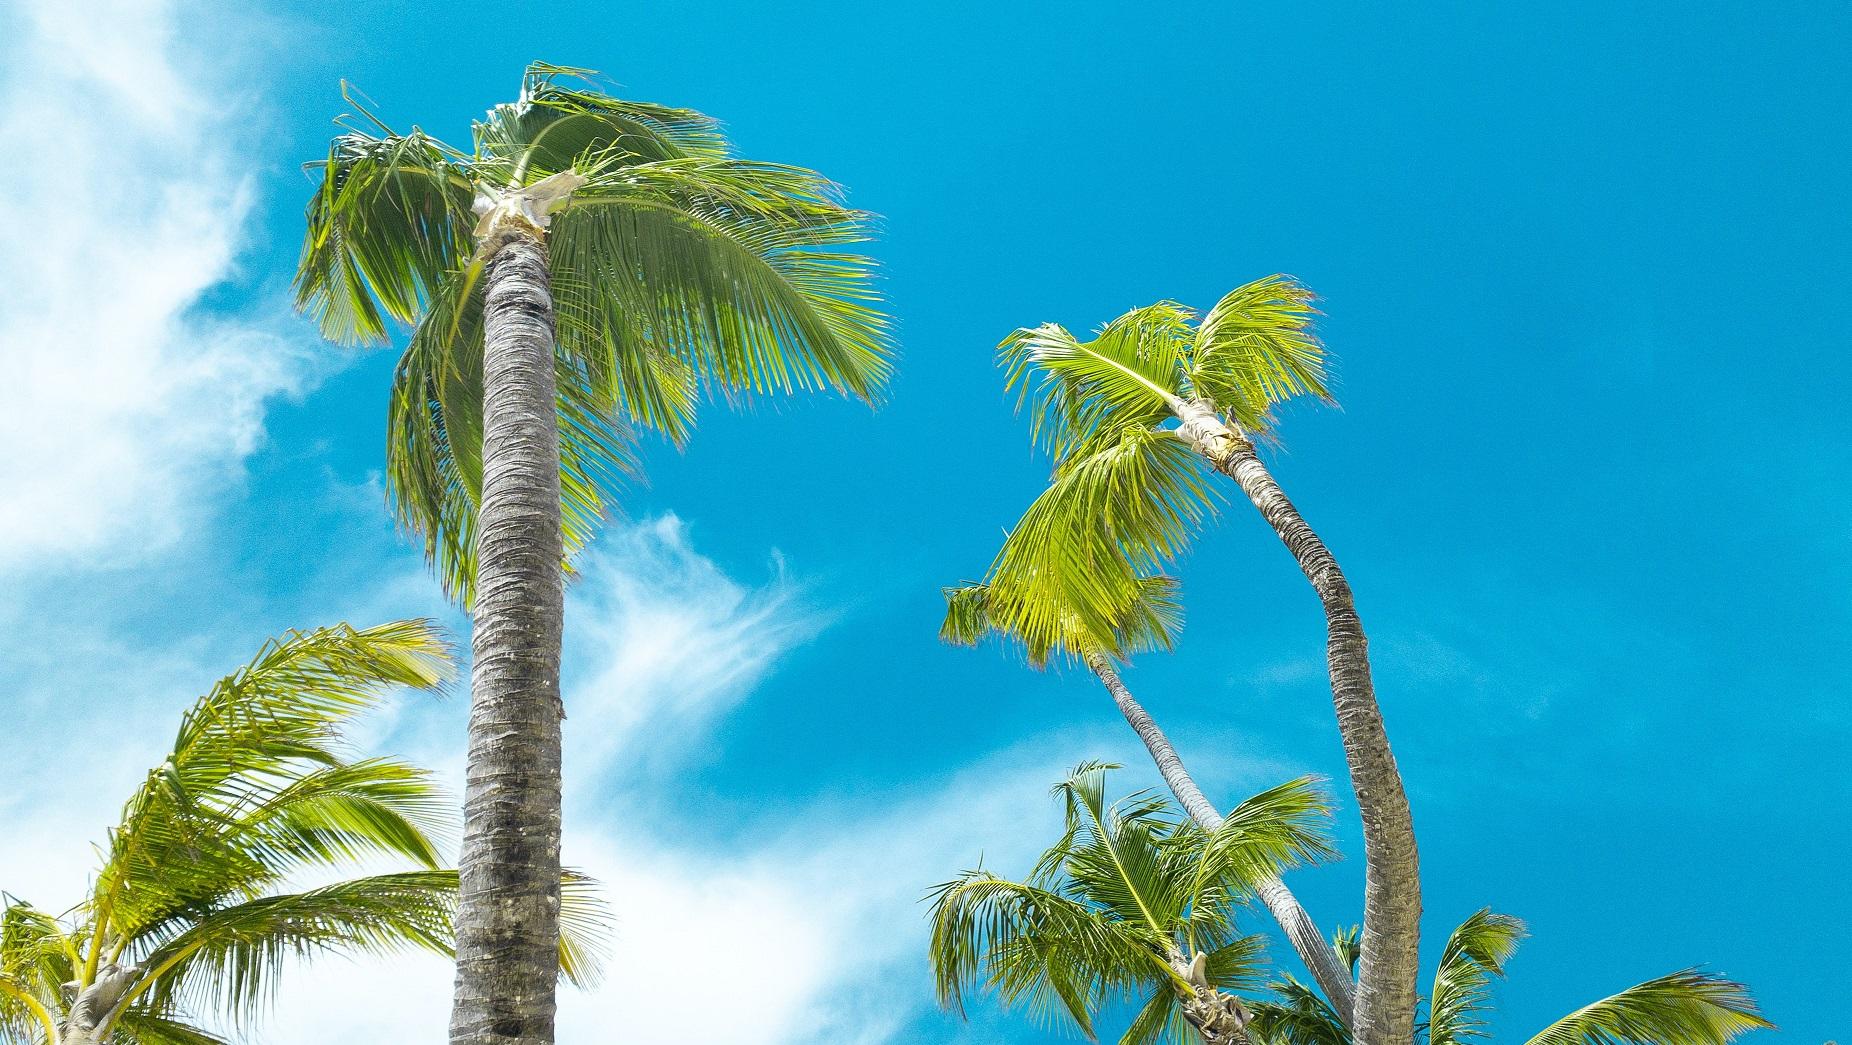 ハワイアンジュエリー モチーフ ヤシの木